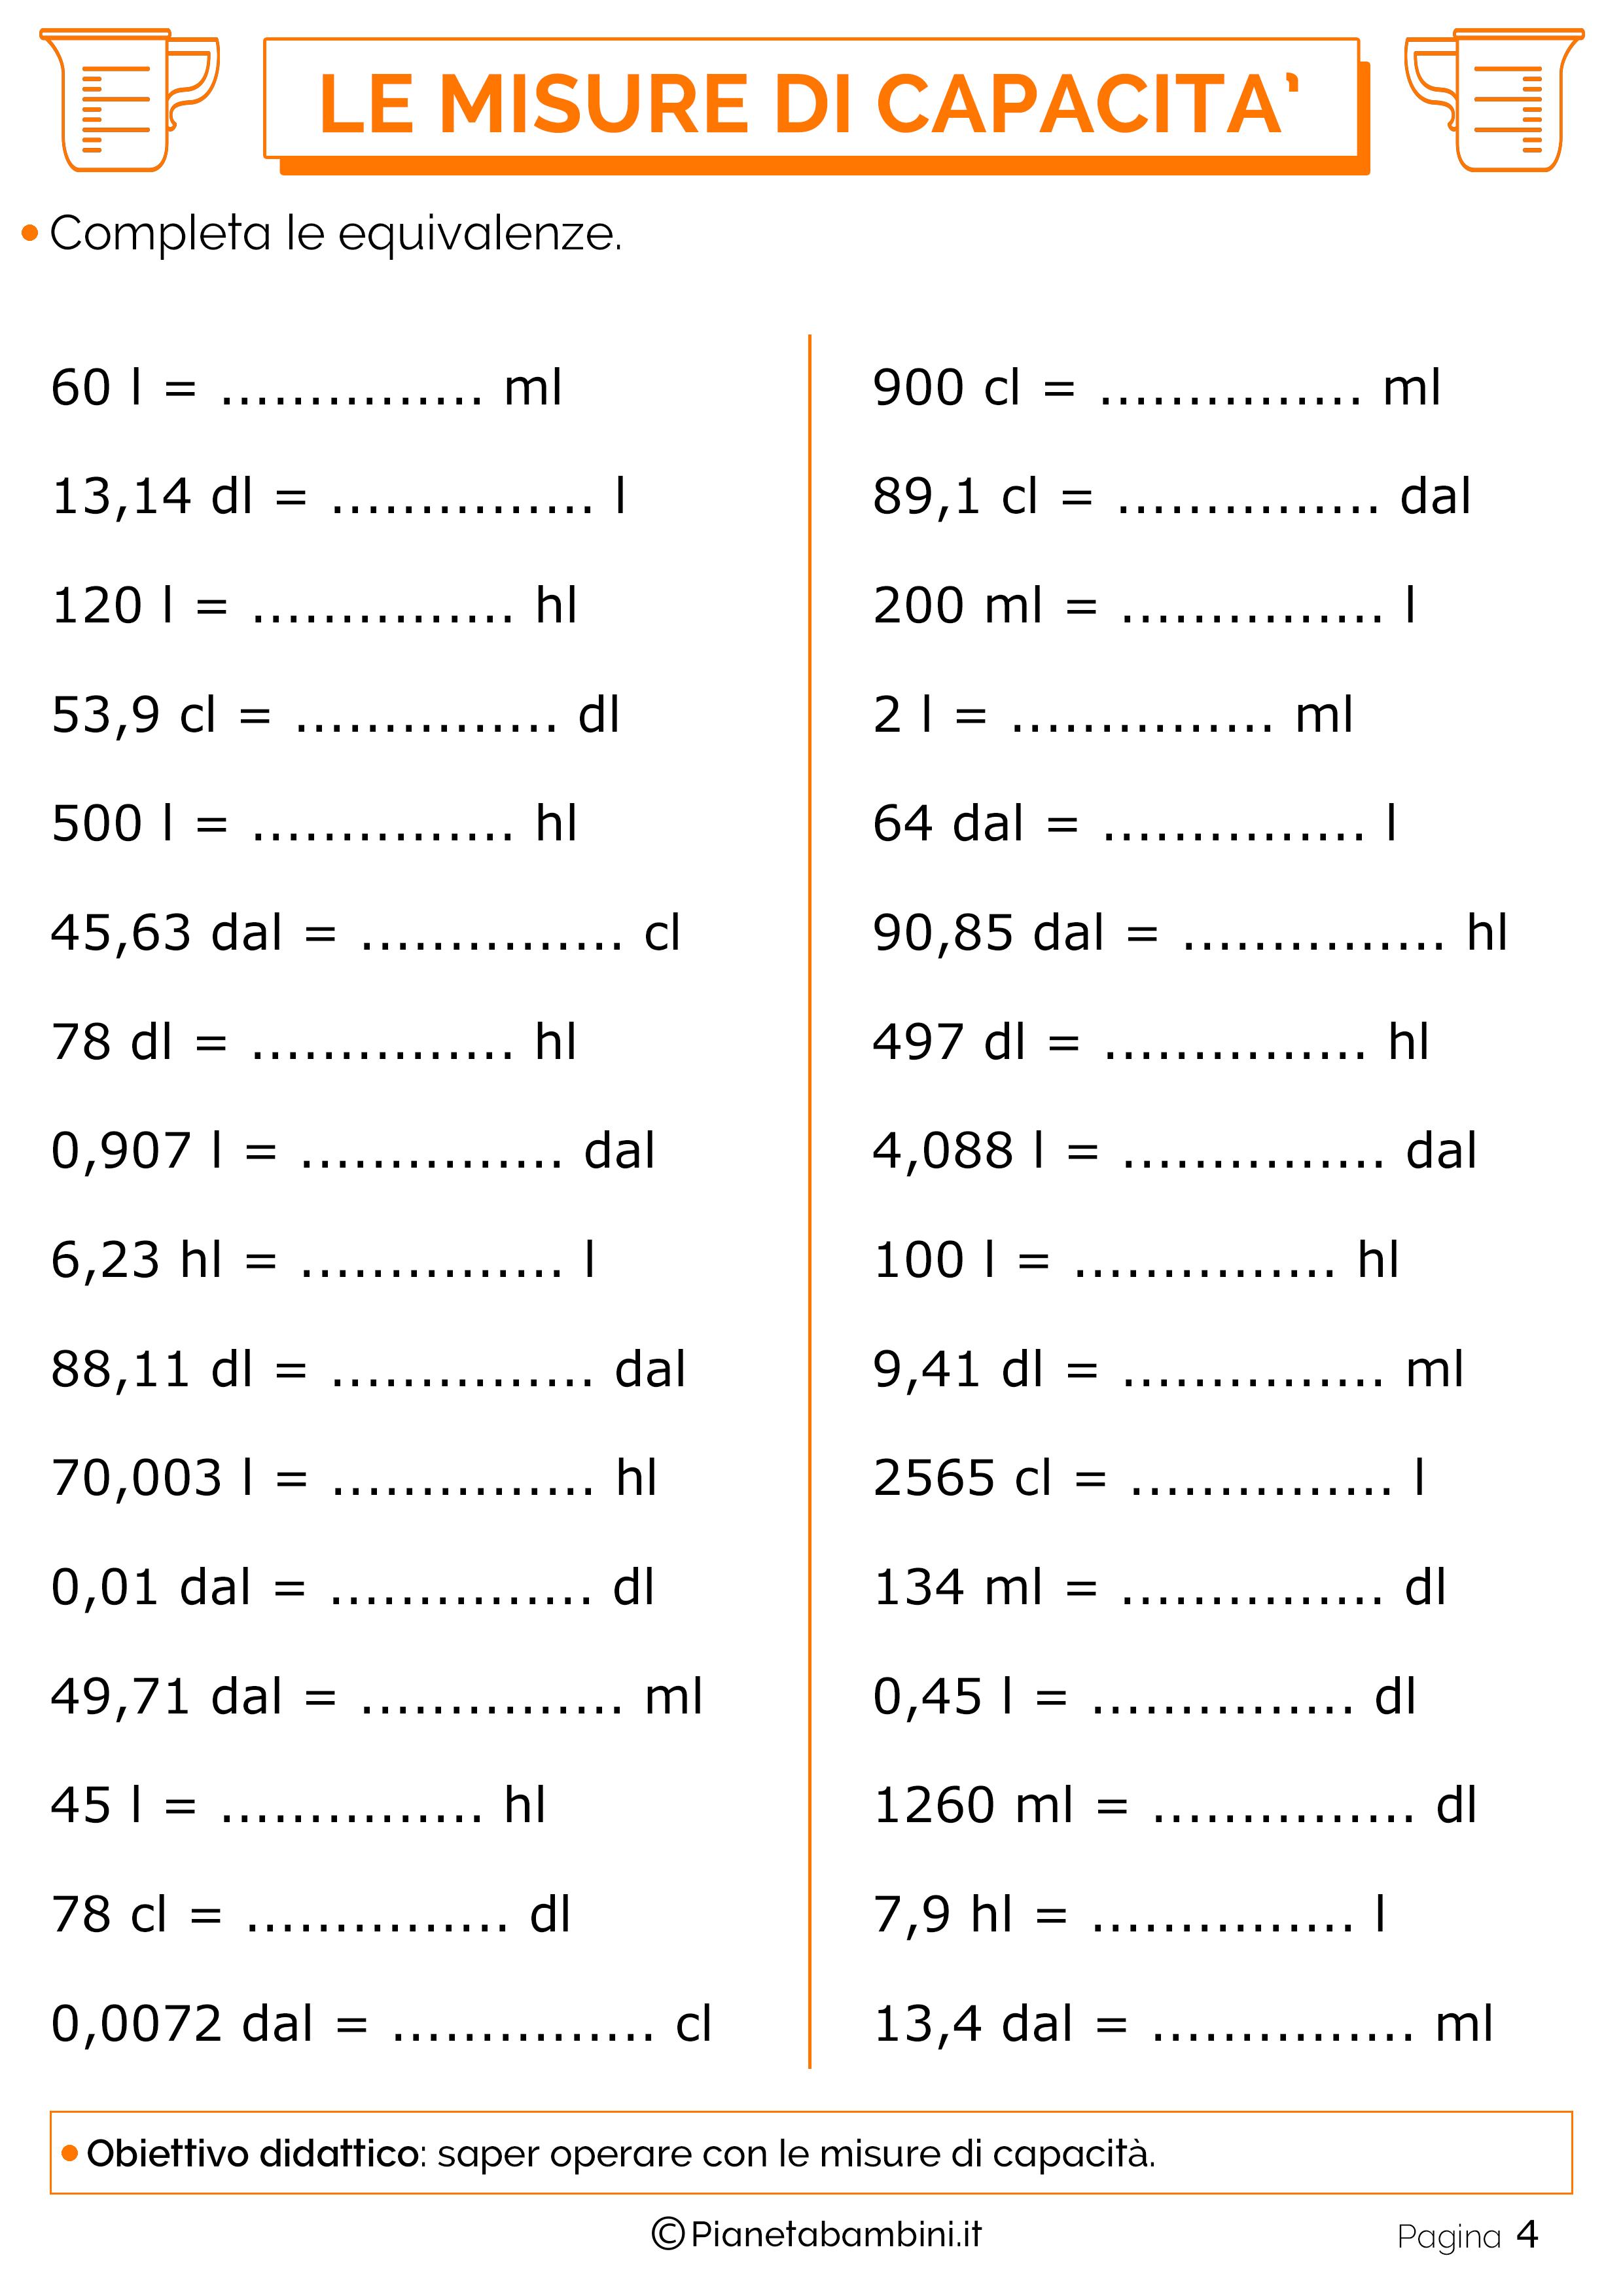 Equivalenze-Misure-Capacita-2